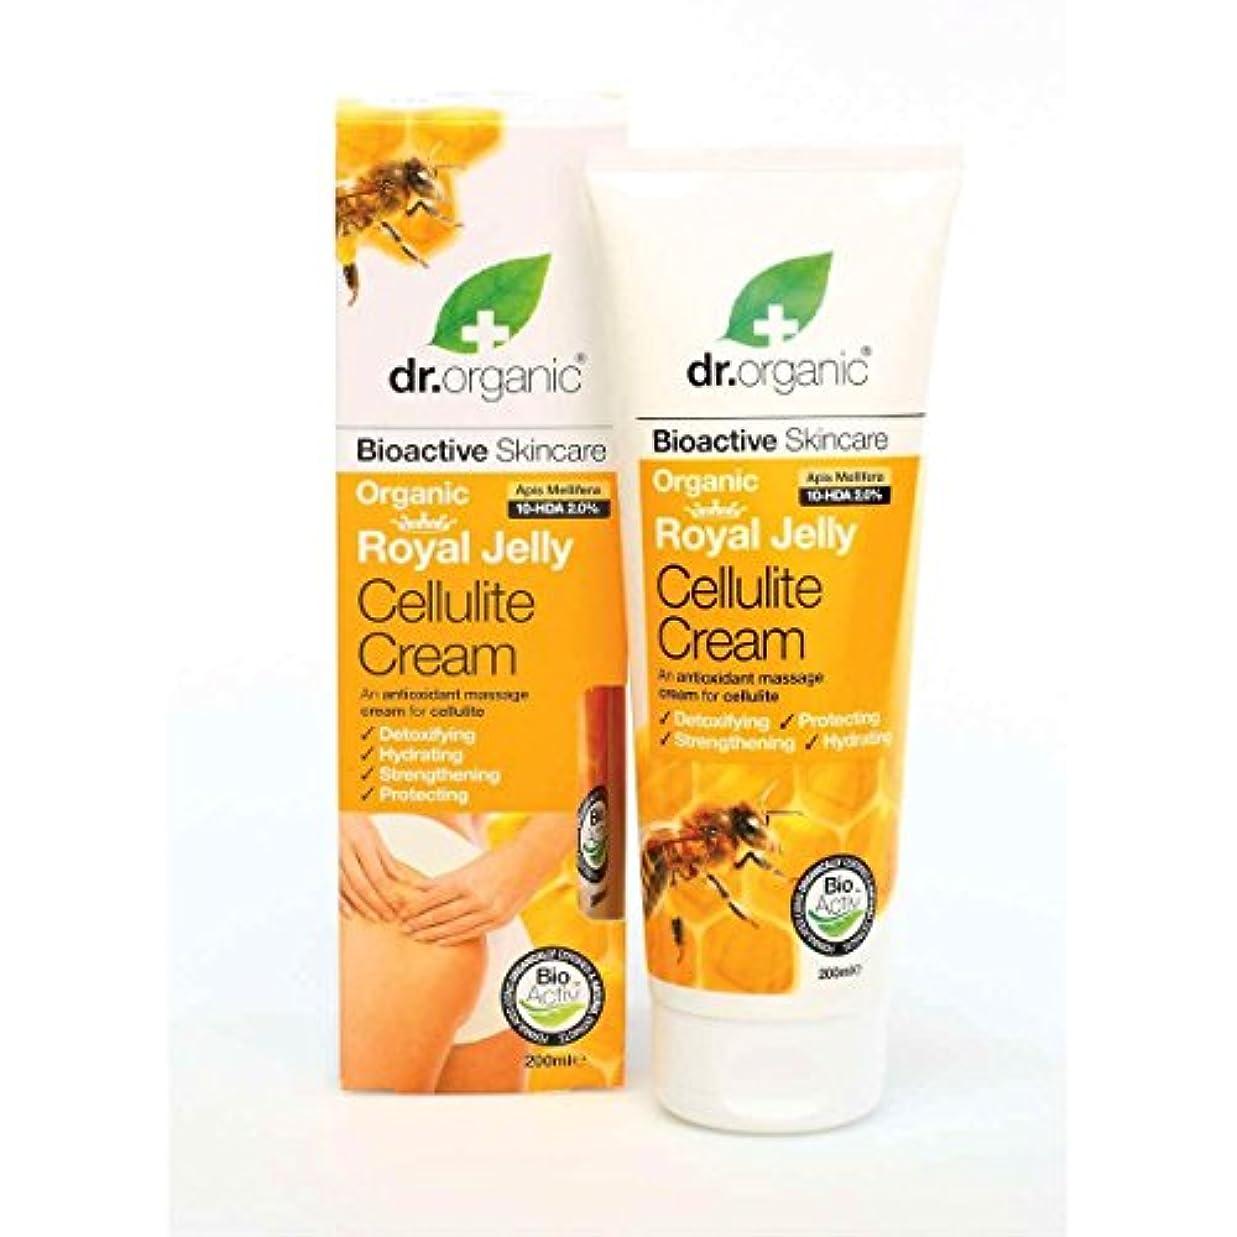 耕す工夫する石のDr.organic Organic Royal Jelly Cellulite Cream 200ml [並行輸入品]